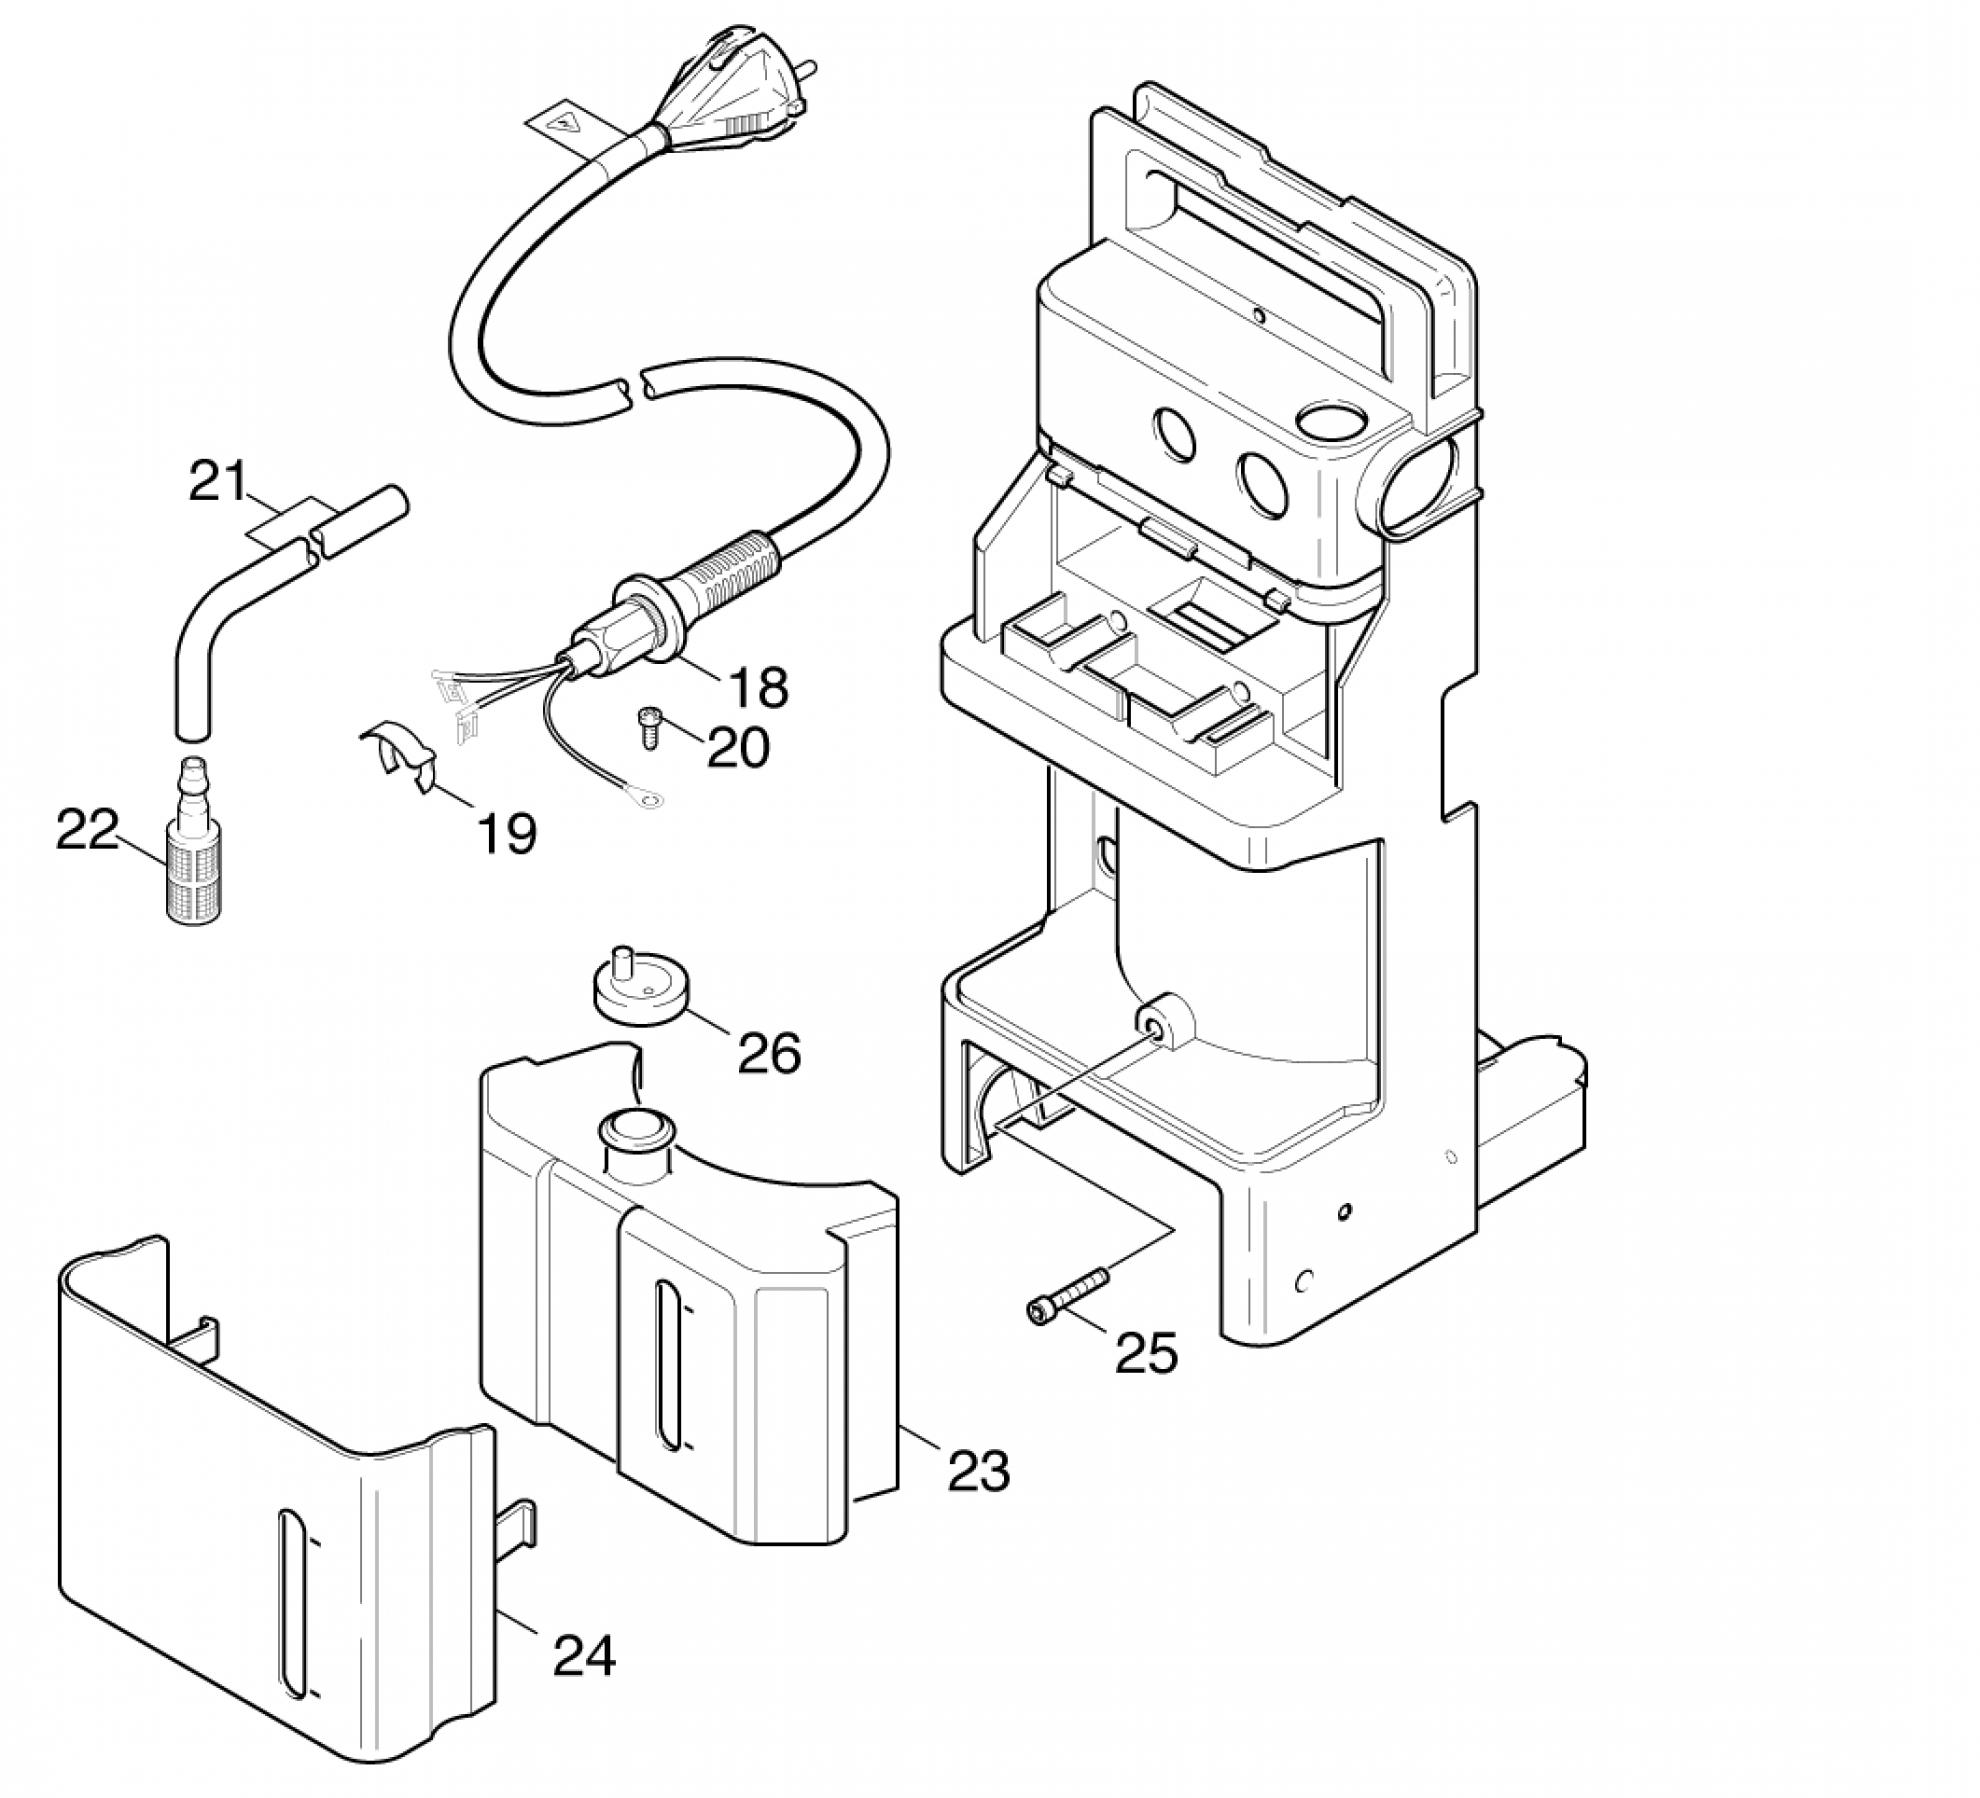 Pi ces d tach es nettoyeur haute pression karcher k 720 m - Pieces detachees karcher ...